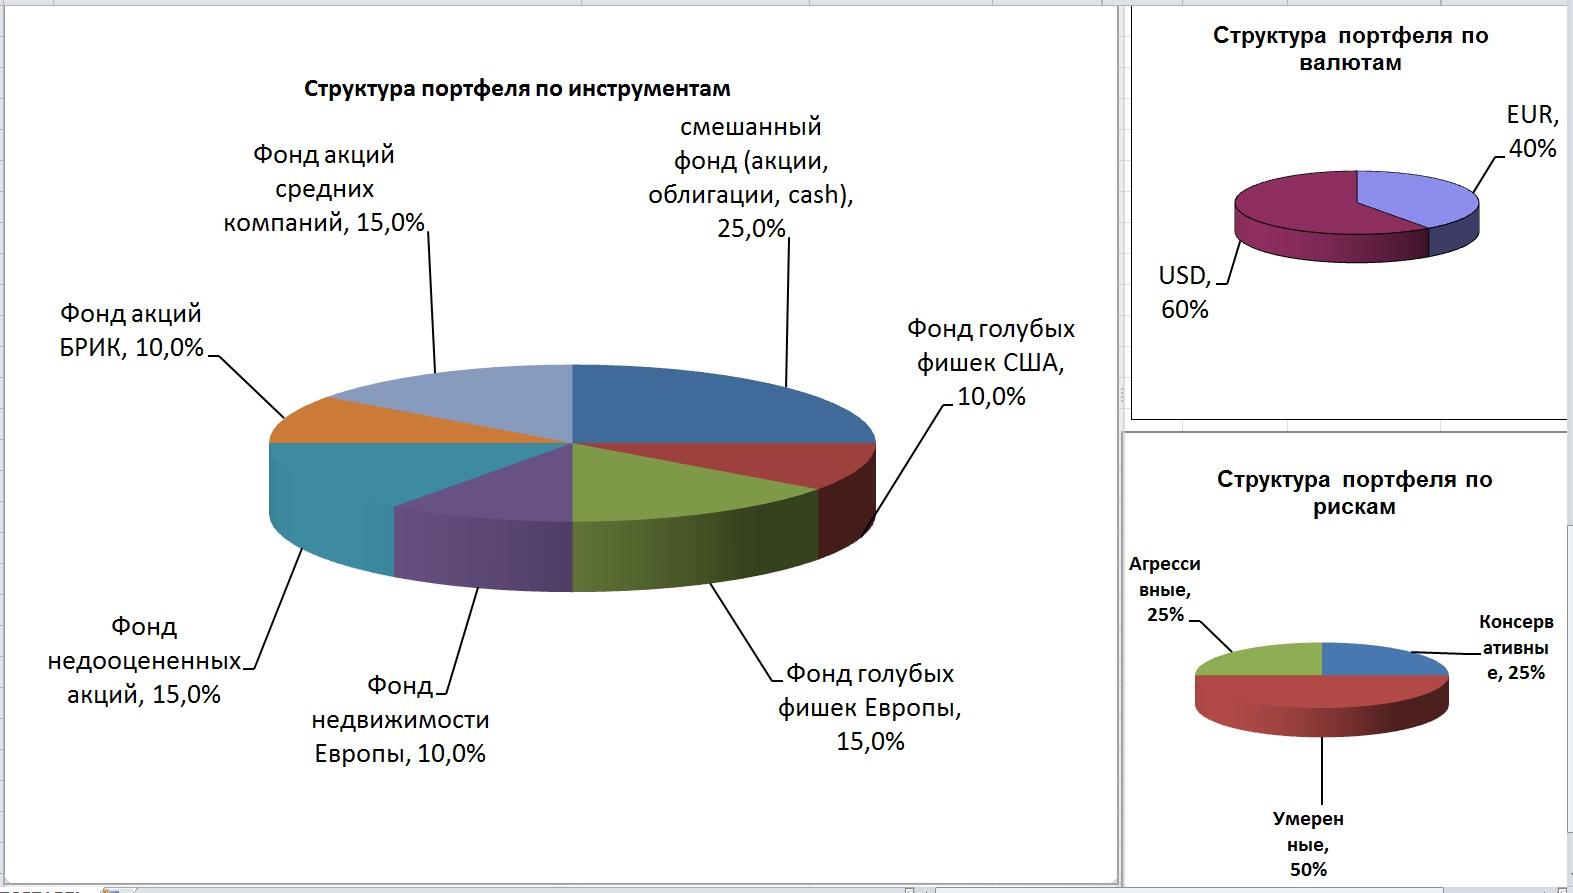 Структура портфеля